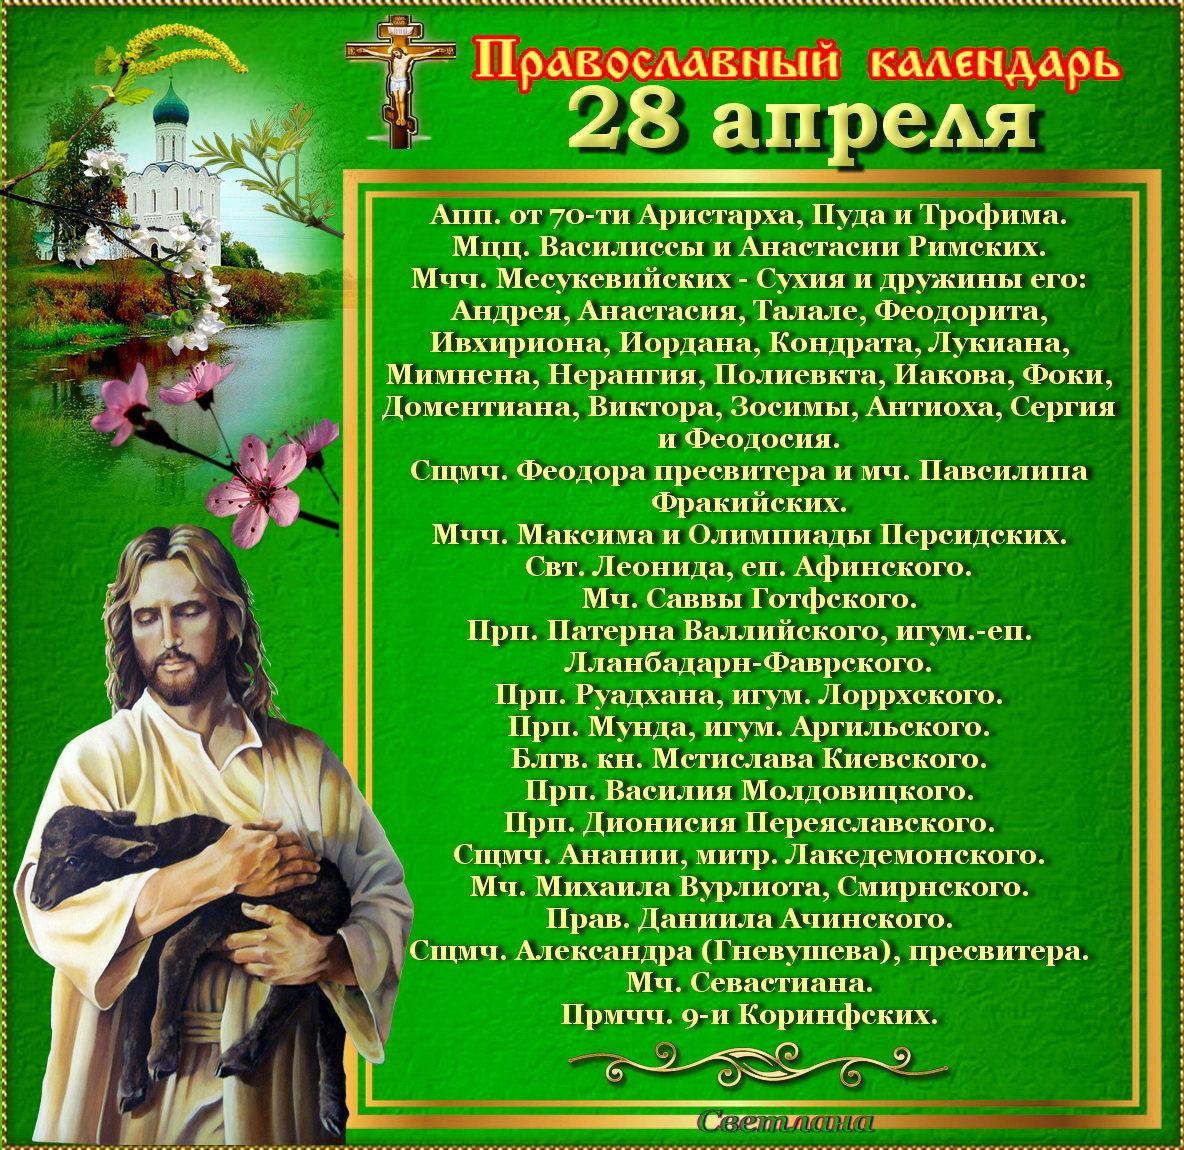 Календарь праздников православный поздравления